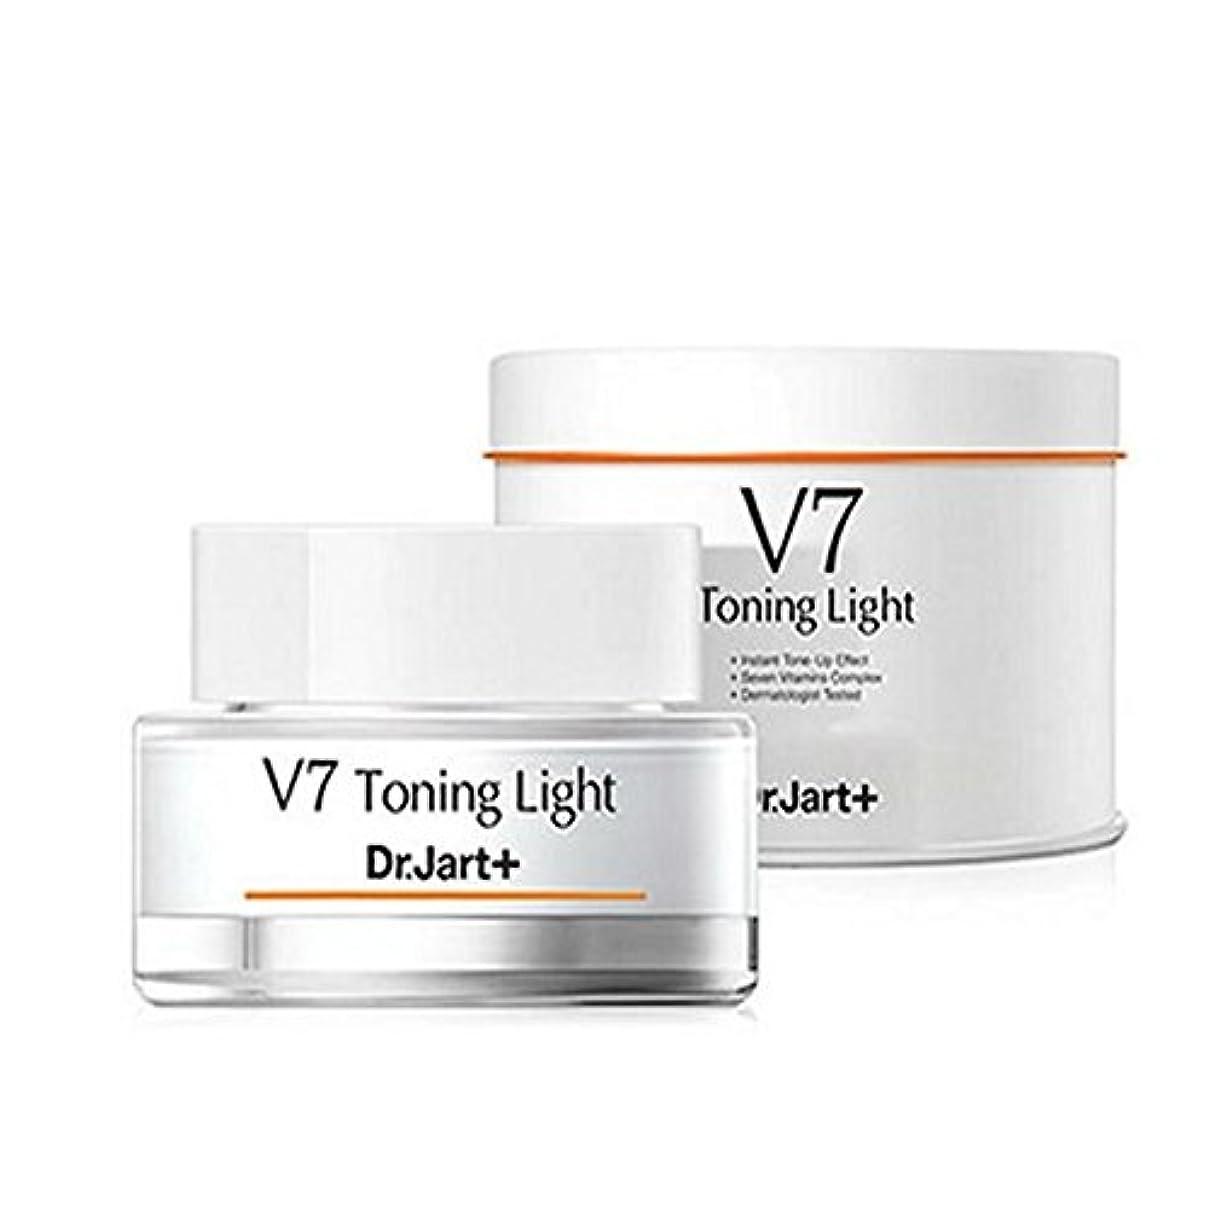 枕アーサー屋内Dr. Jart /ドクタージャルト V7 トーニングライト/V7 Toning Lihgt 50ml/100% Authentic direct from Korea [並行輸入品]